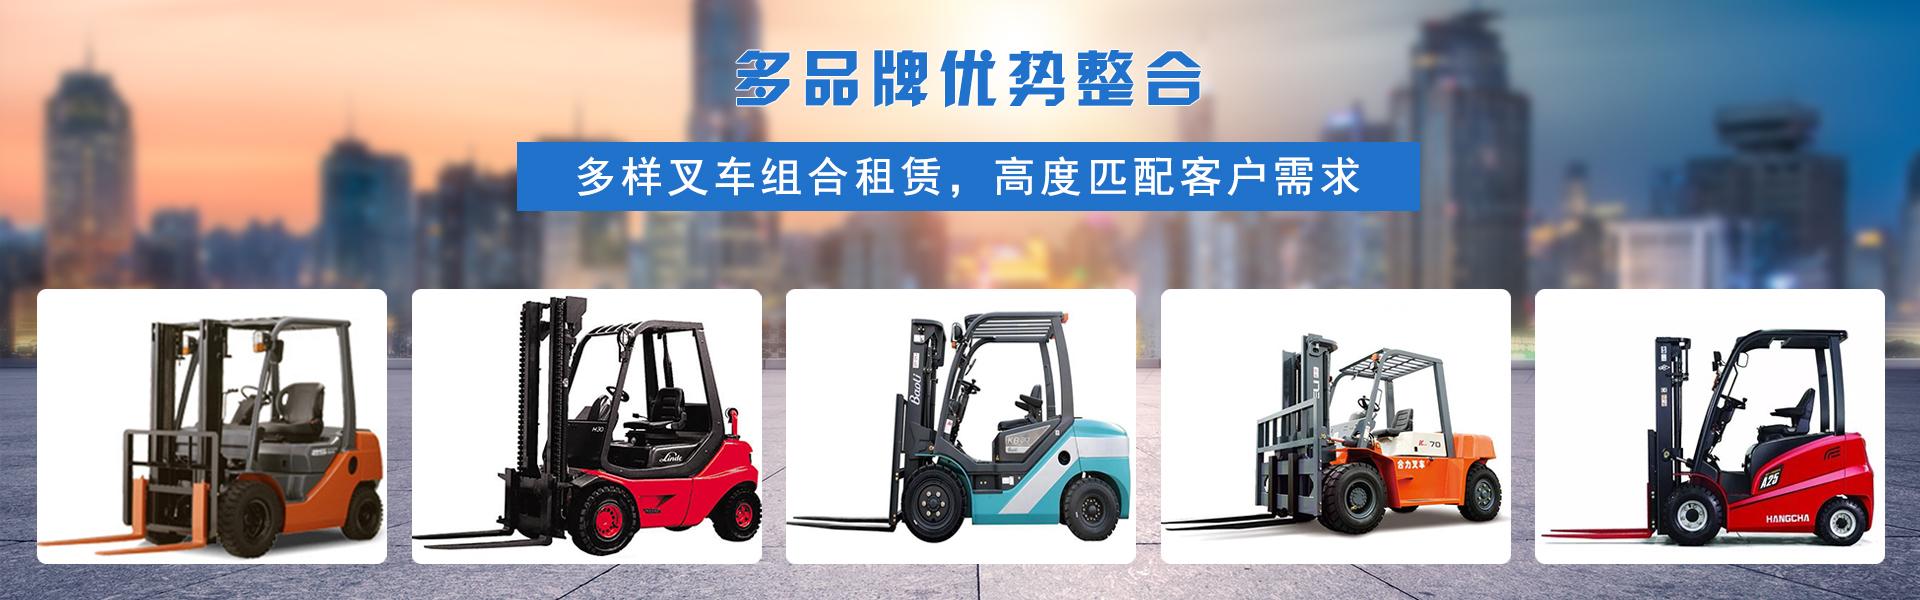 沈阳叉车销售,沈阳叉车维修,沈阳叉车配件,沈阳叉车租赁